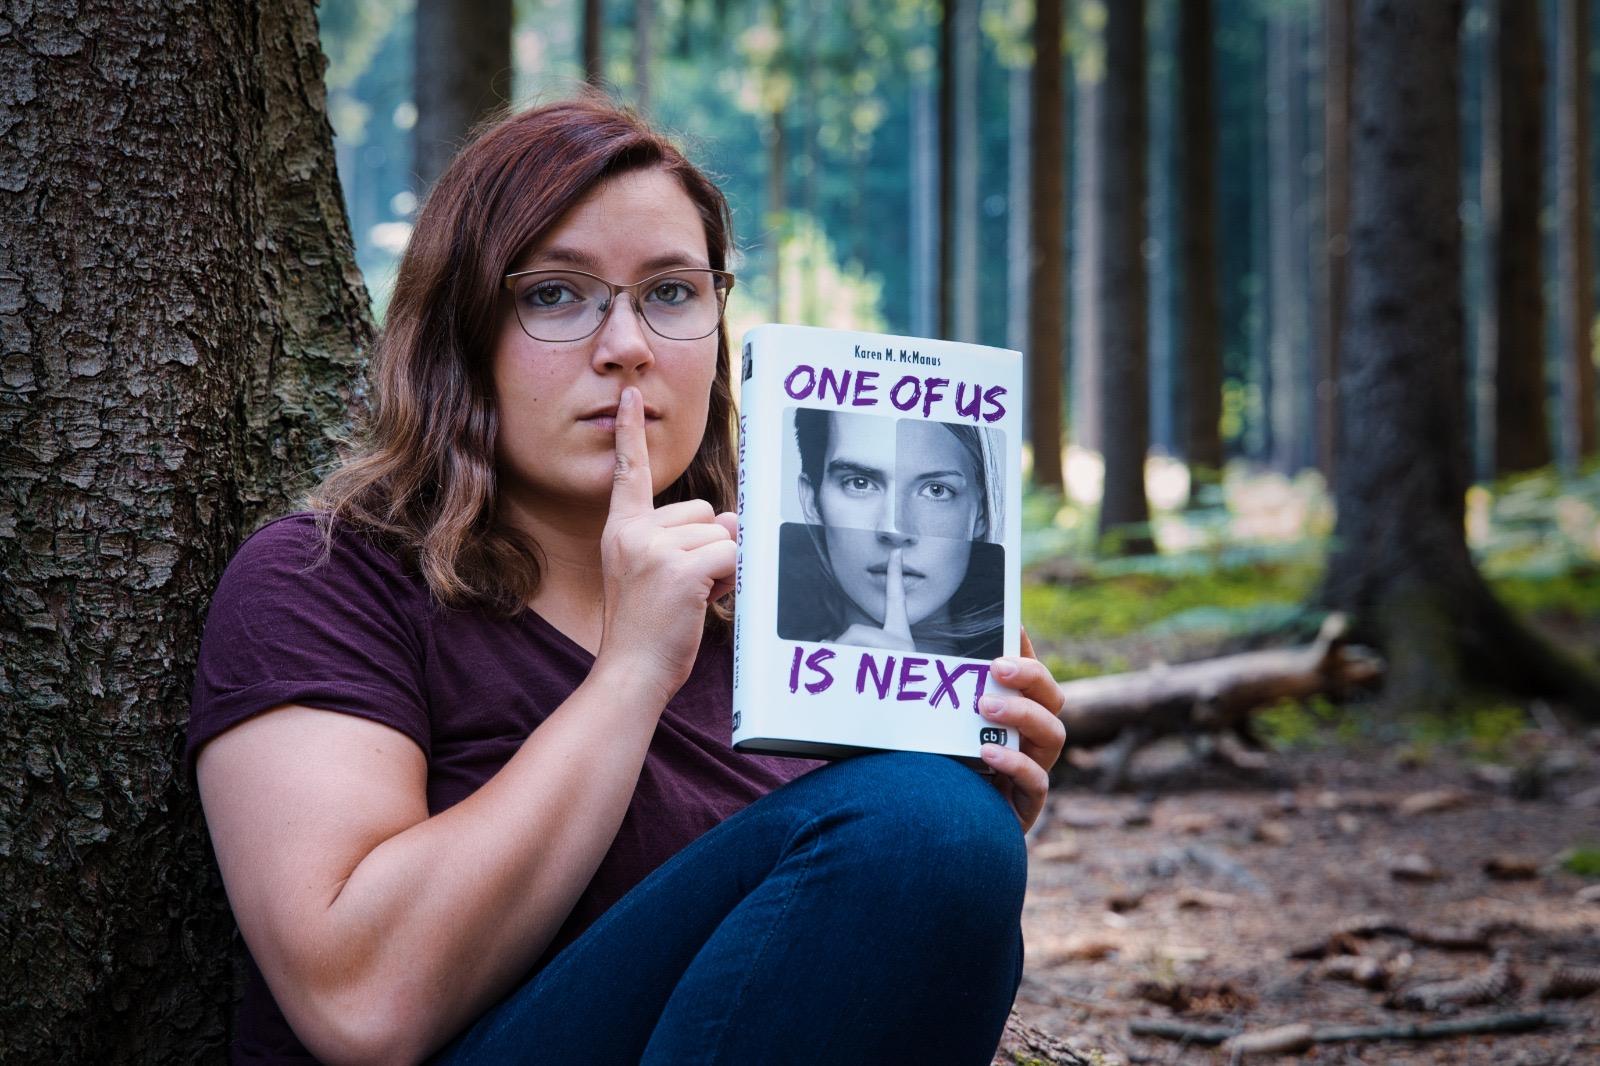 One of us is next – Karen McManus